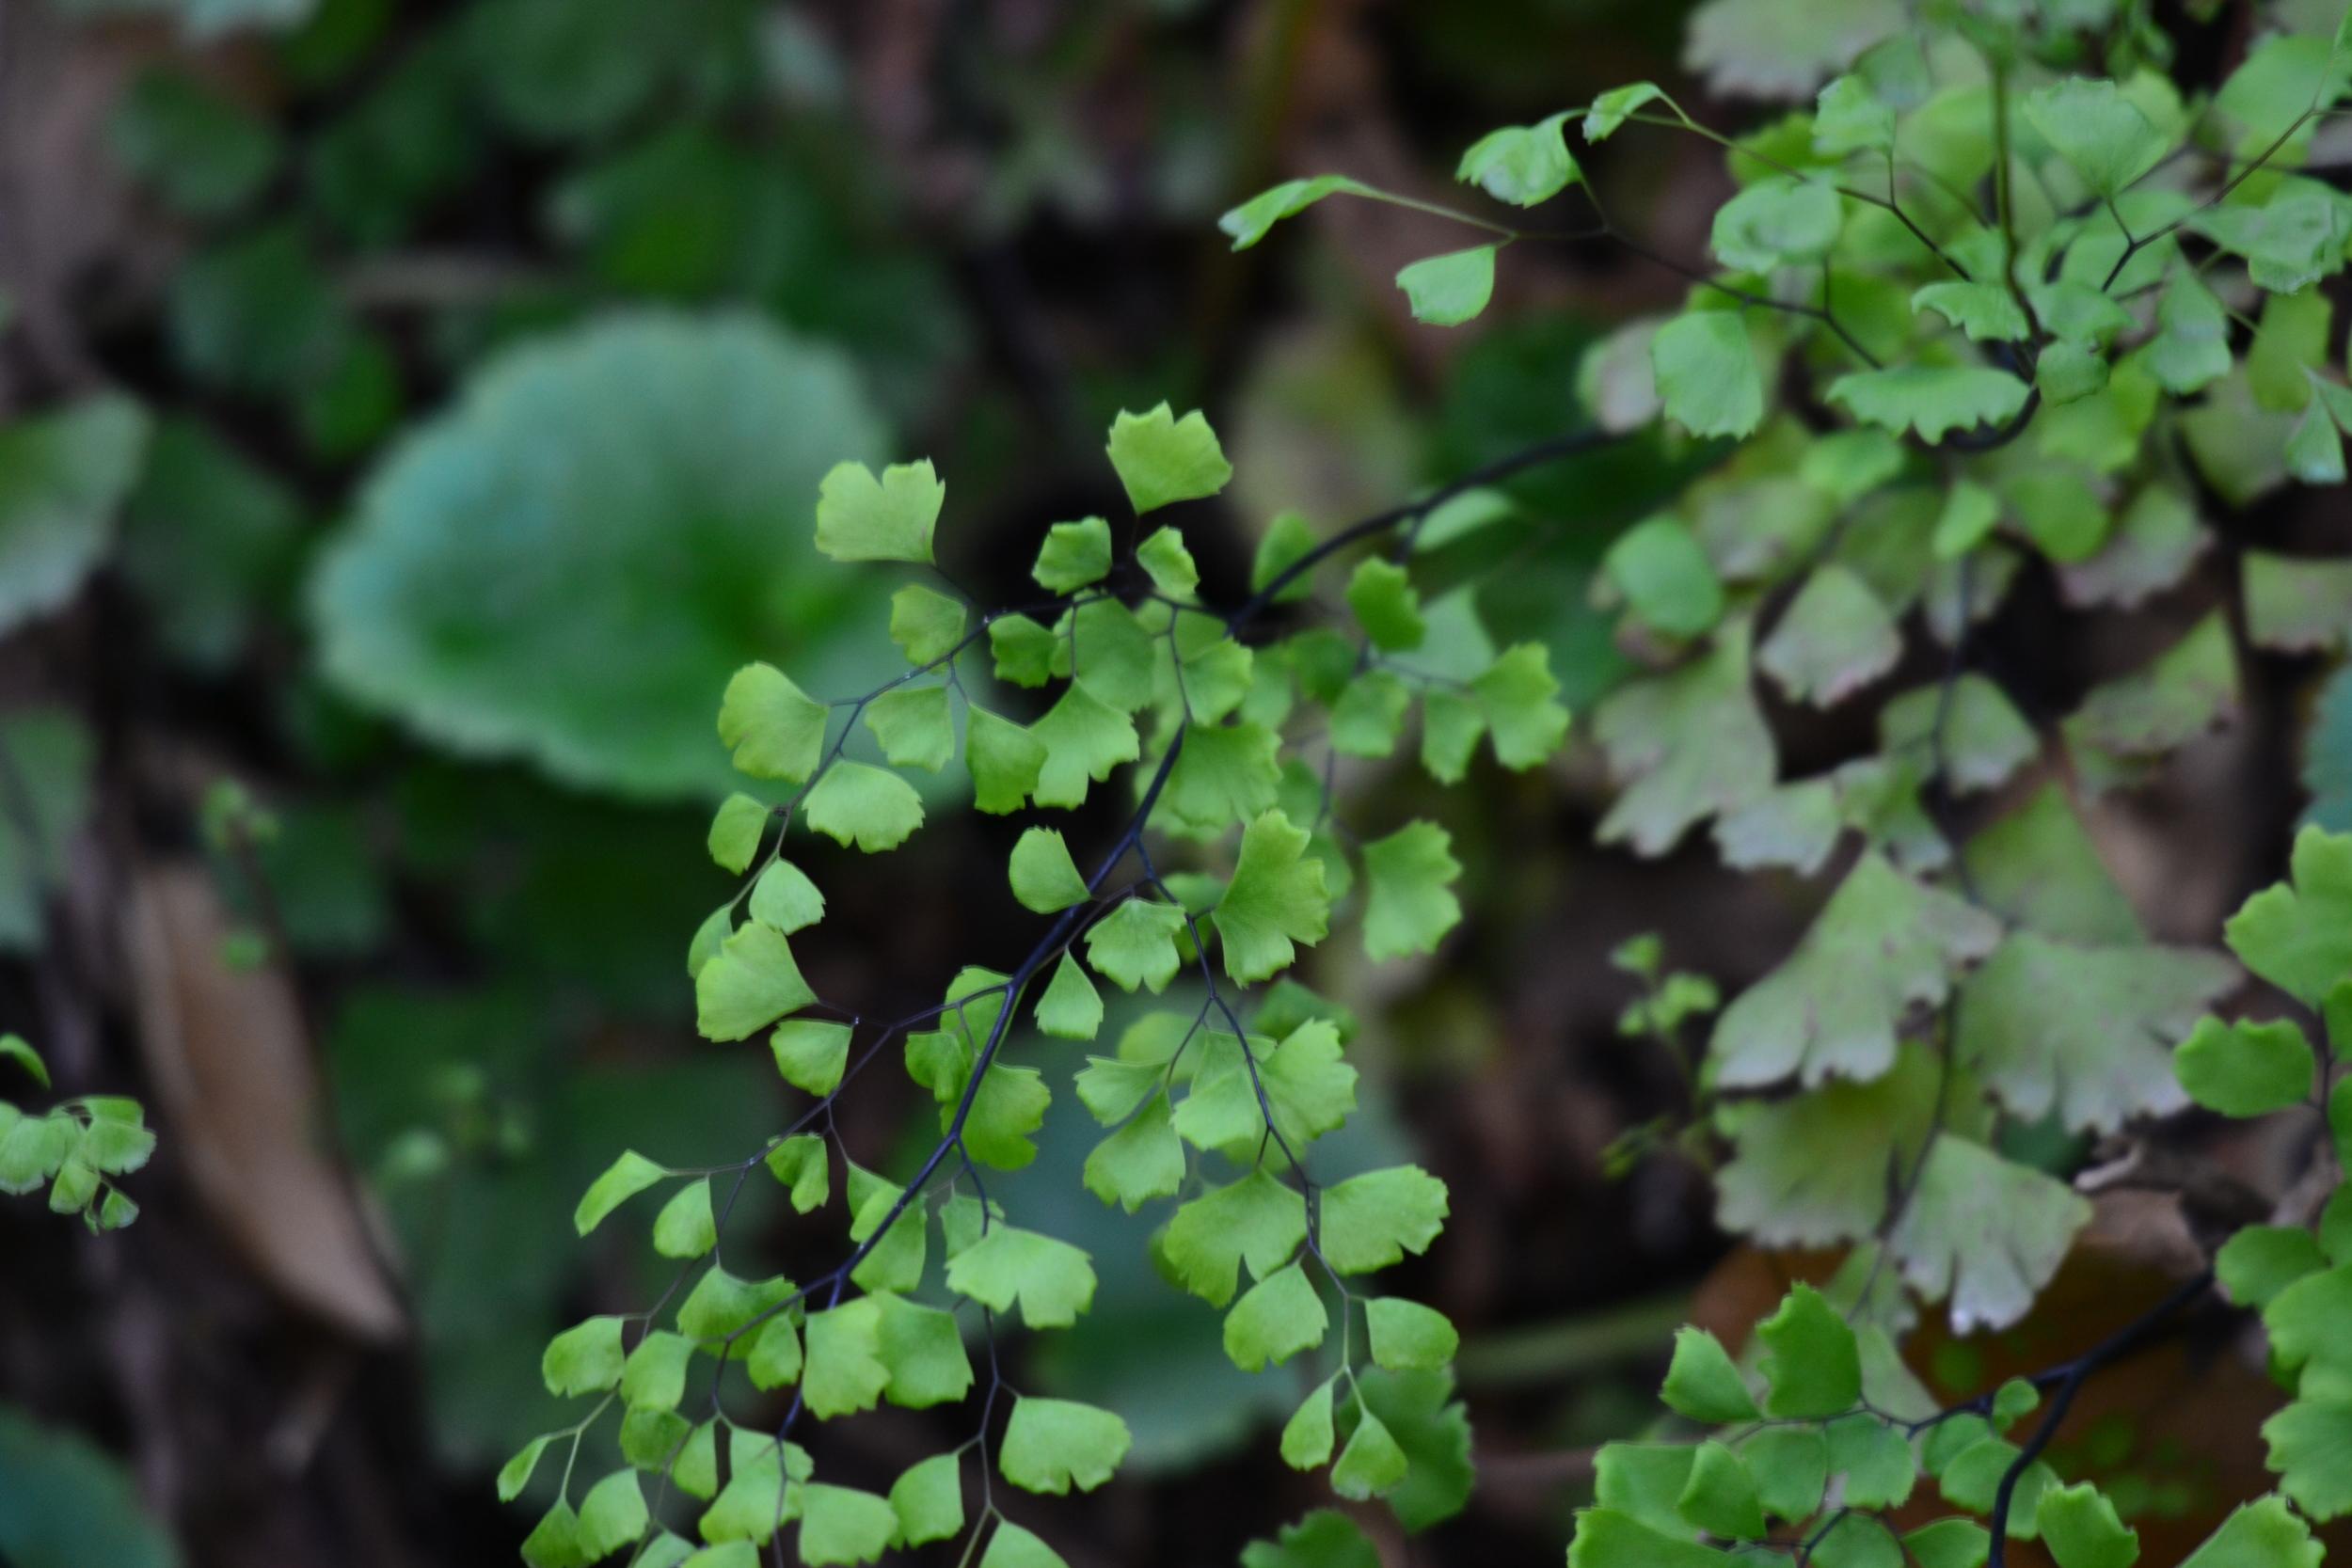 Native Flora, Windmill Waterfall, Pt. Mugu State Park, Thousand Oaks